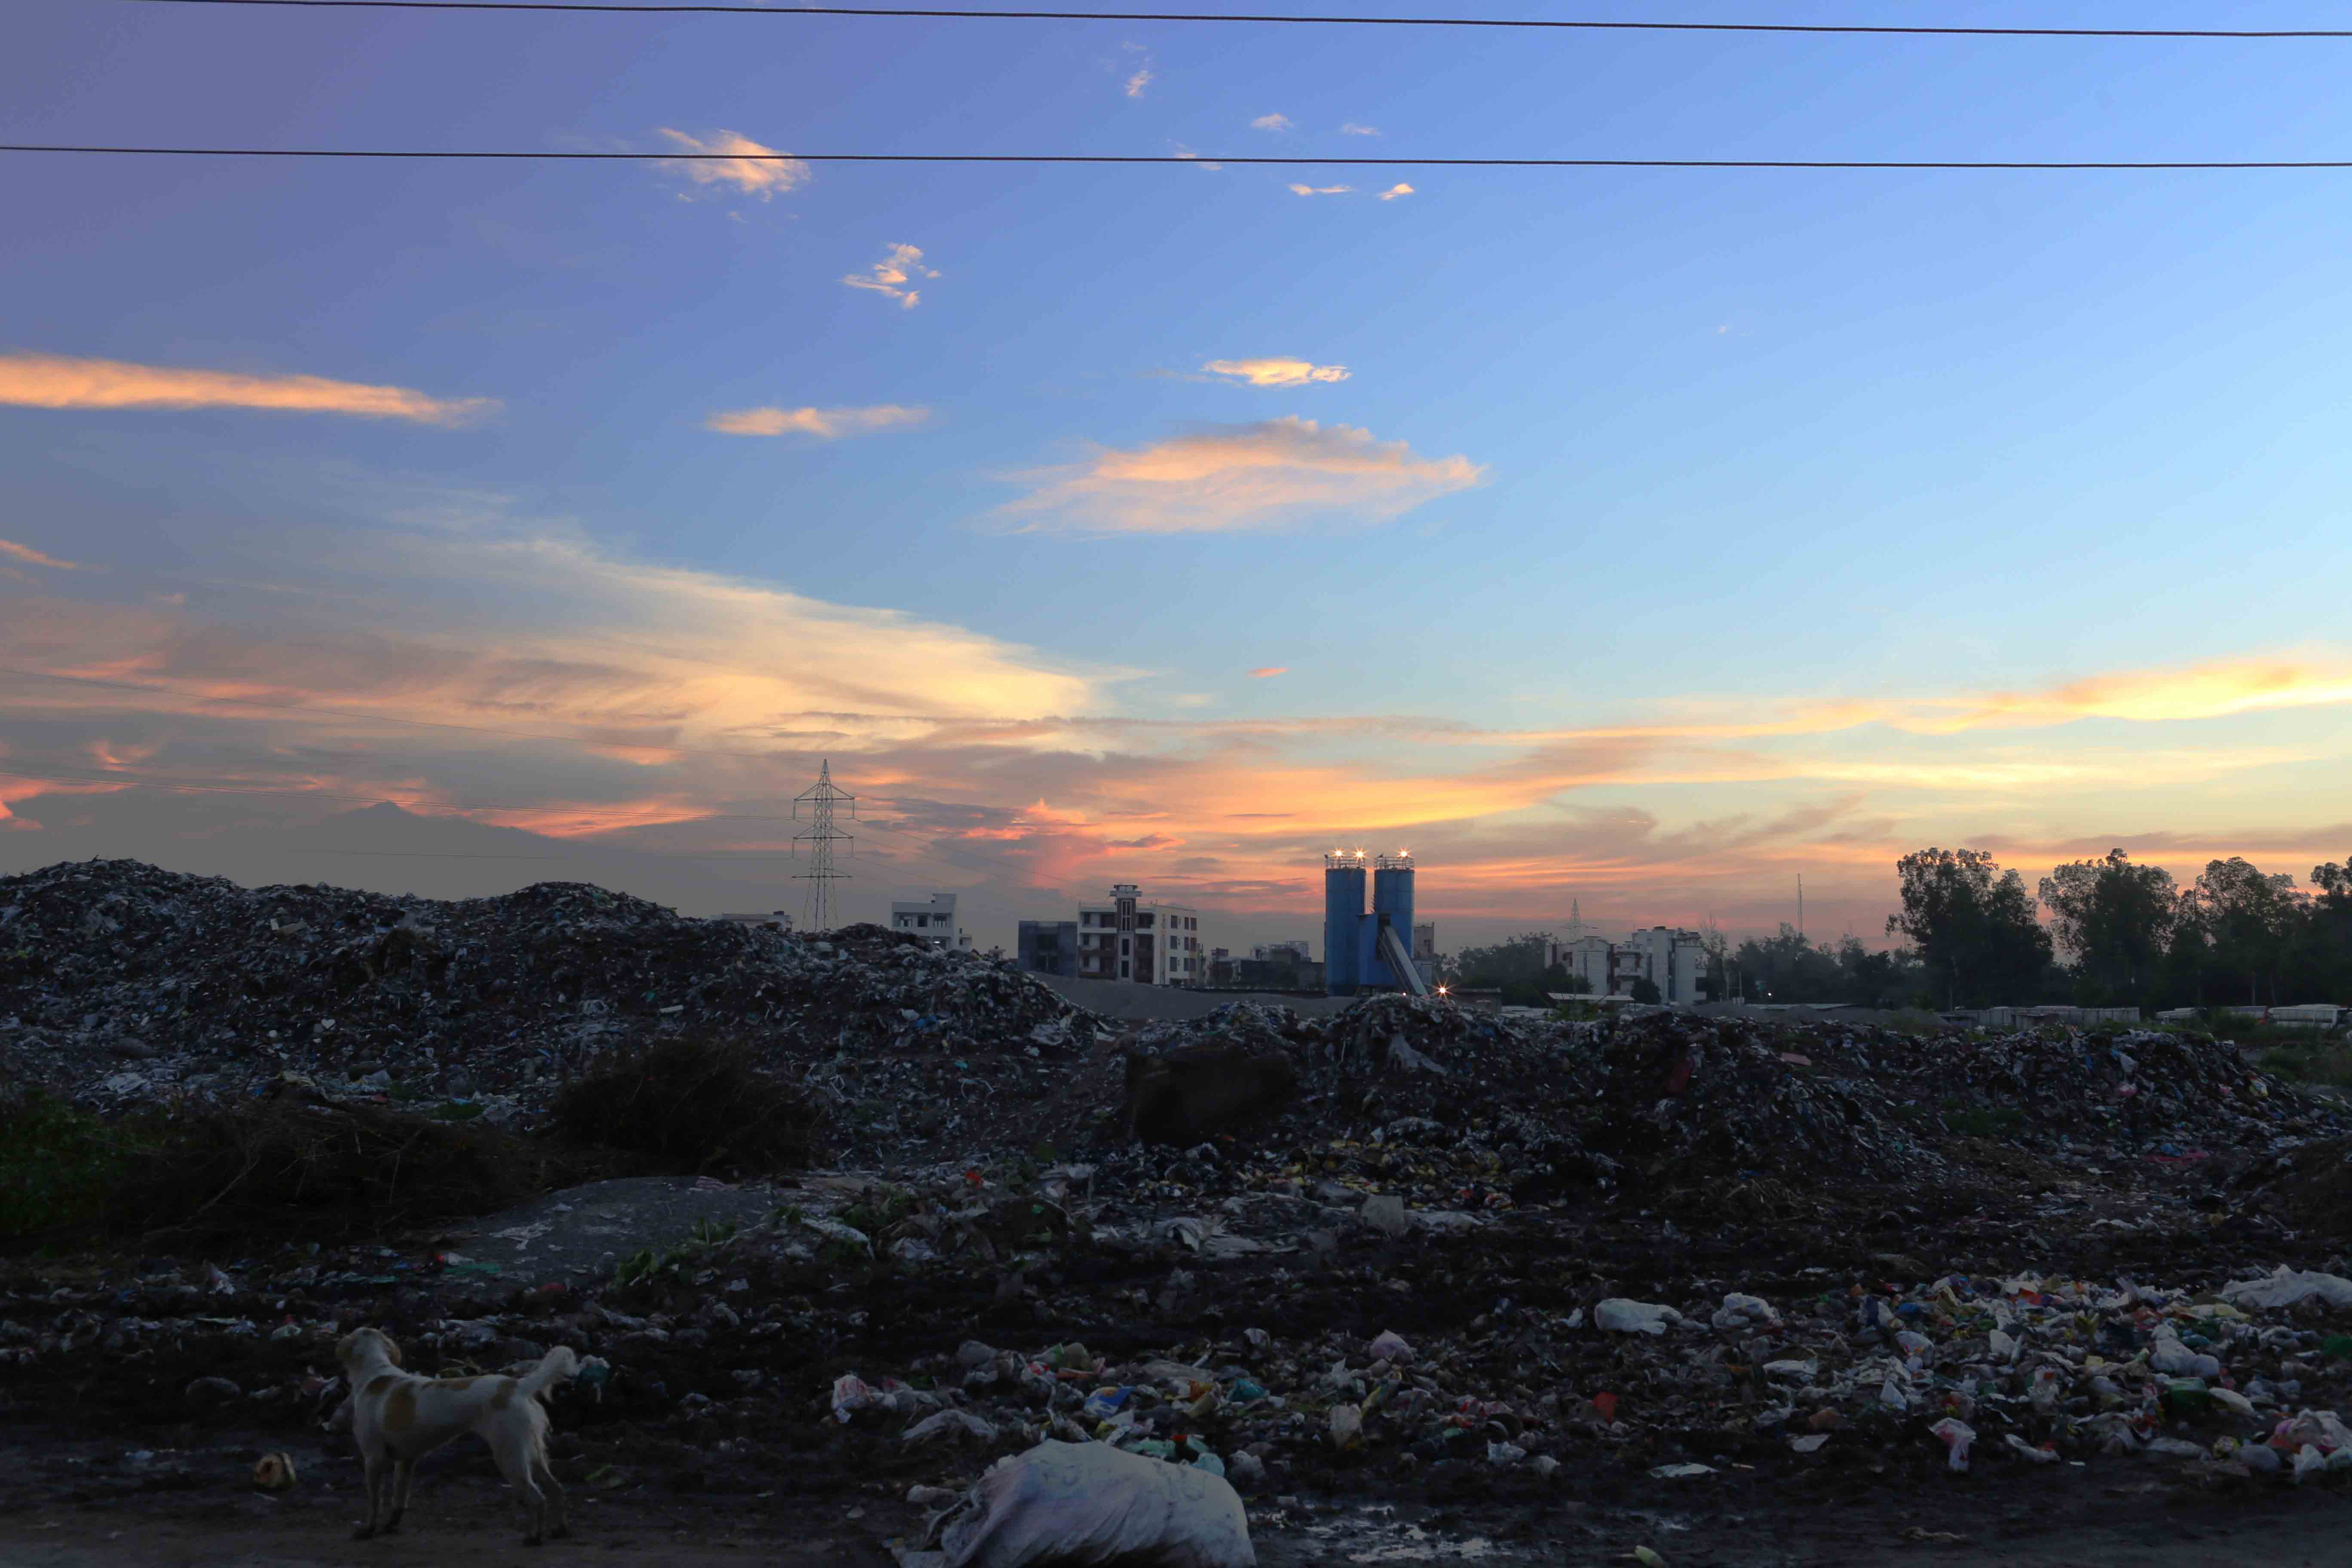 City Nature - The Dream Sky of a Nightmare City, Mainly East Delhi